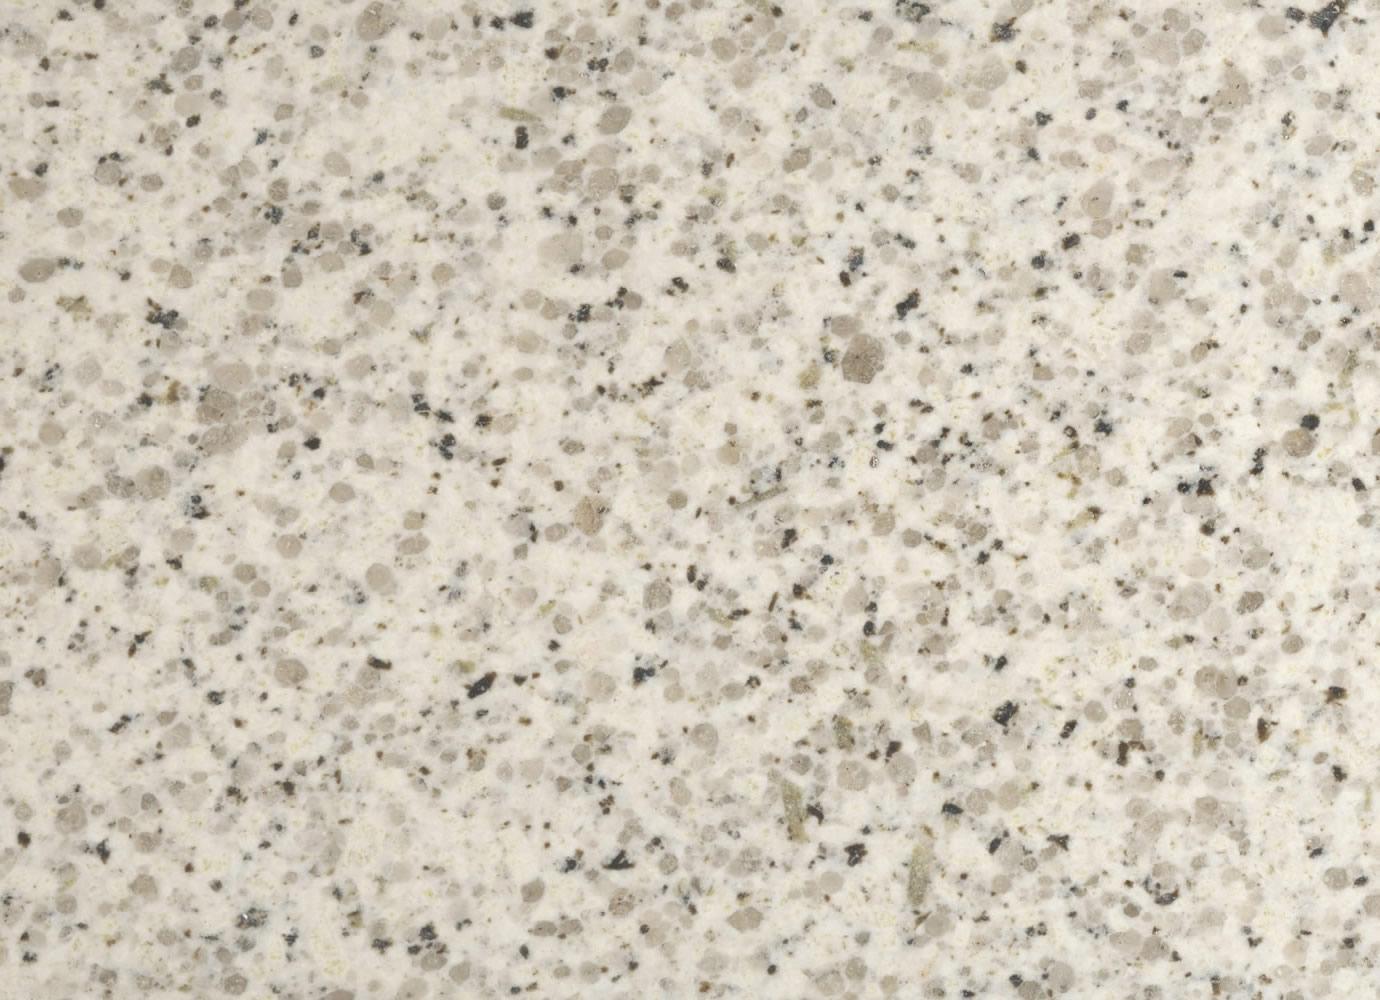 Incoveca granitos S.A. #7C6D4F 1380x1000 Banheiro Com Granito Branco Ceara